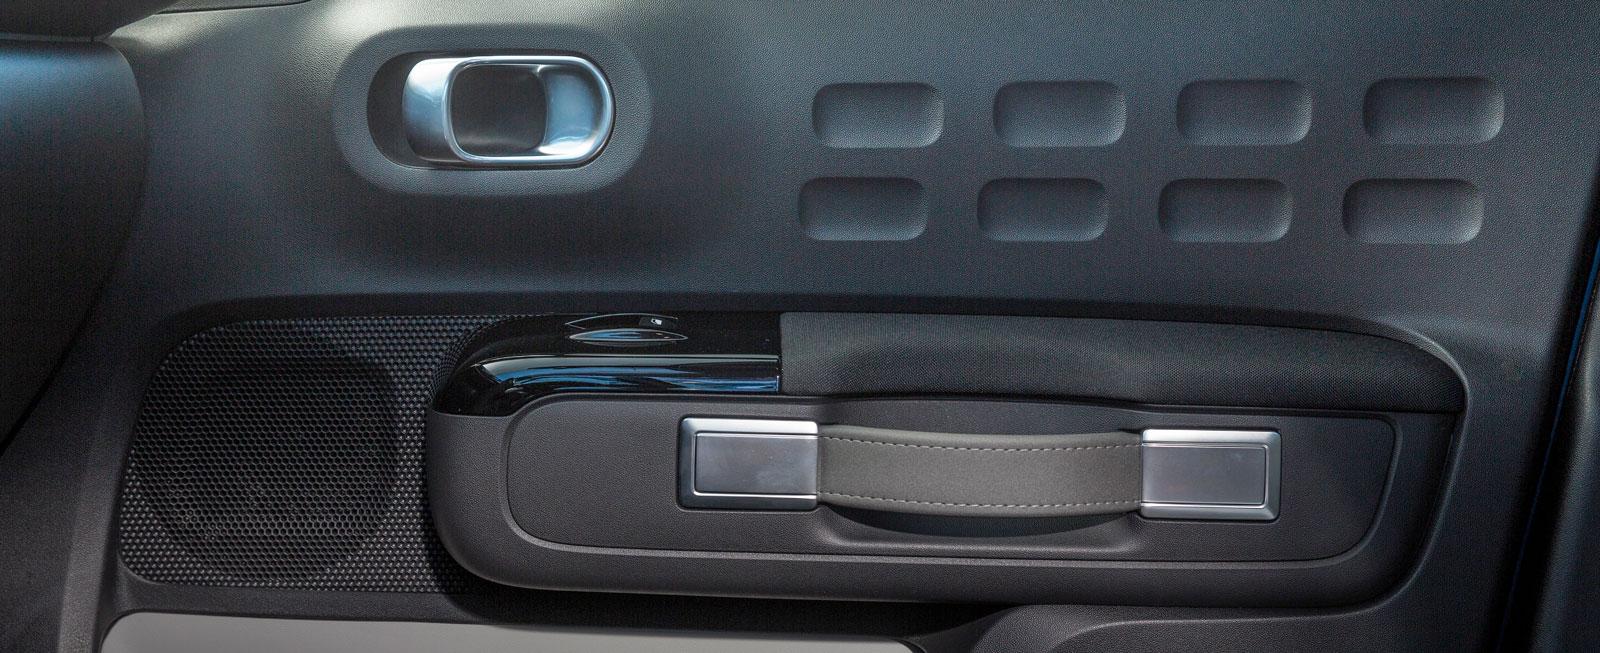 Dörrpanelerna är snarlika dem på Citroën C4 Cactus och har samma karaktäristiska draghandtag. Hårdplasten är inte vidare kul men dörrfickorna i avvikande färg lättar upp en smula.